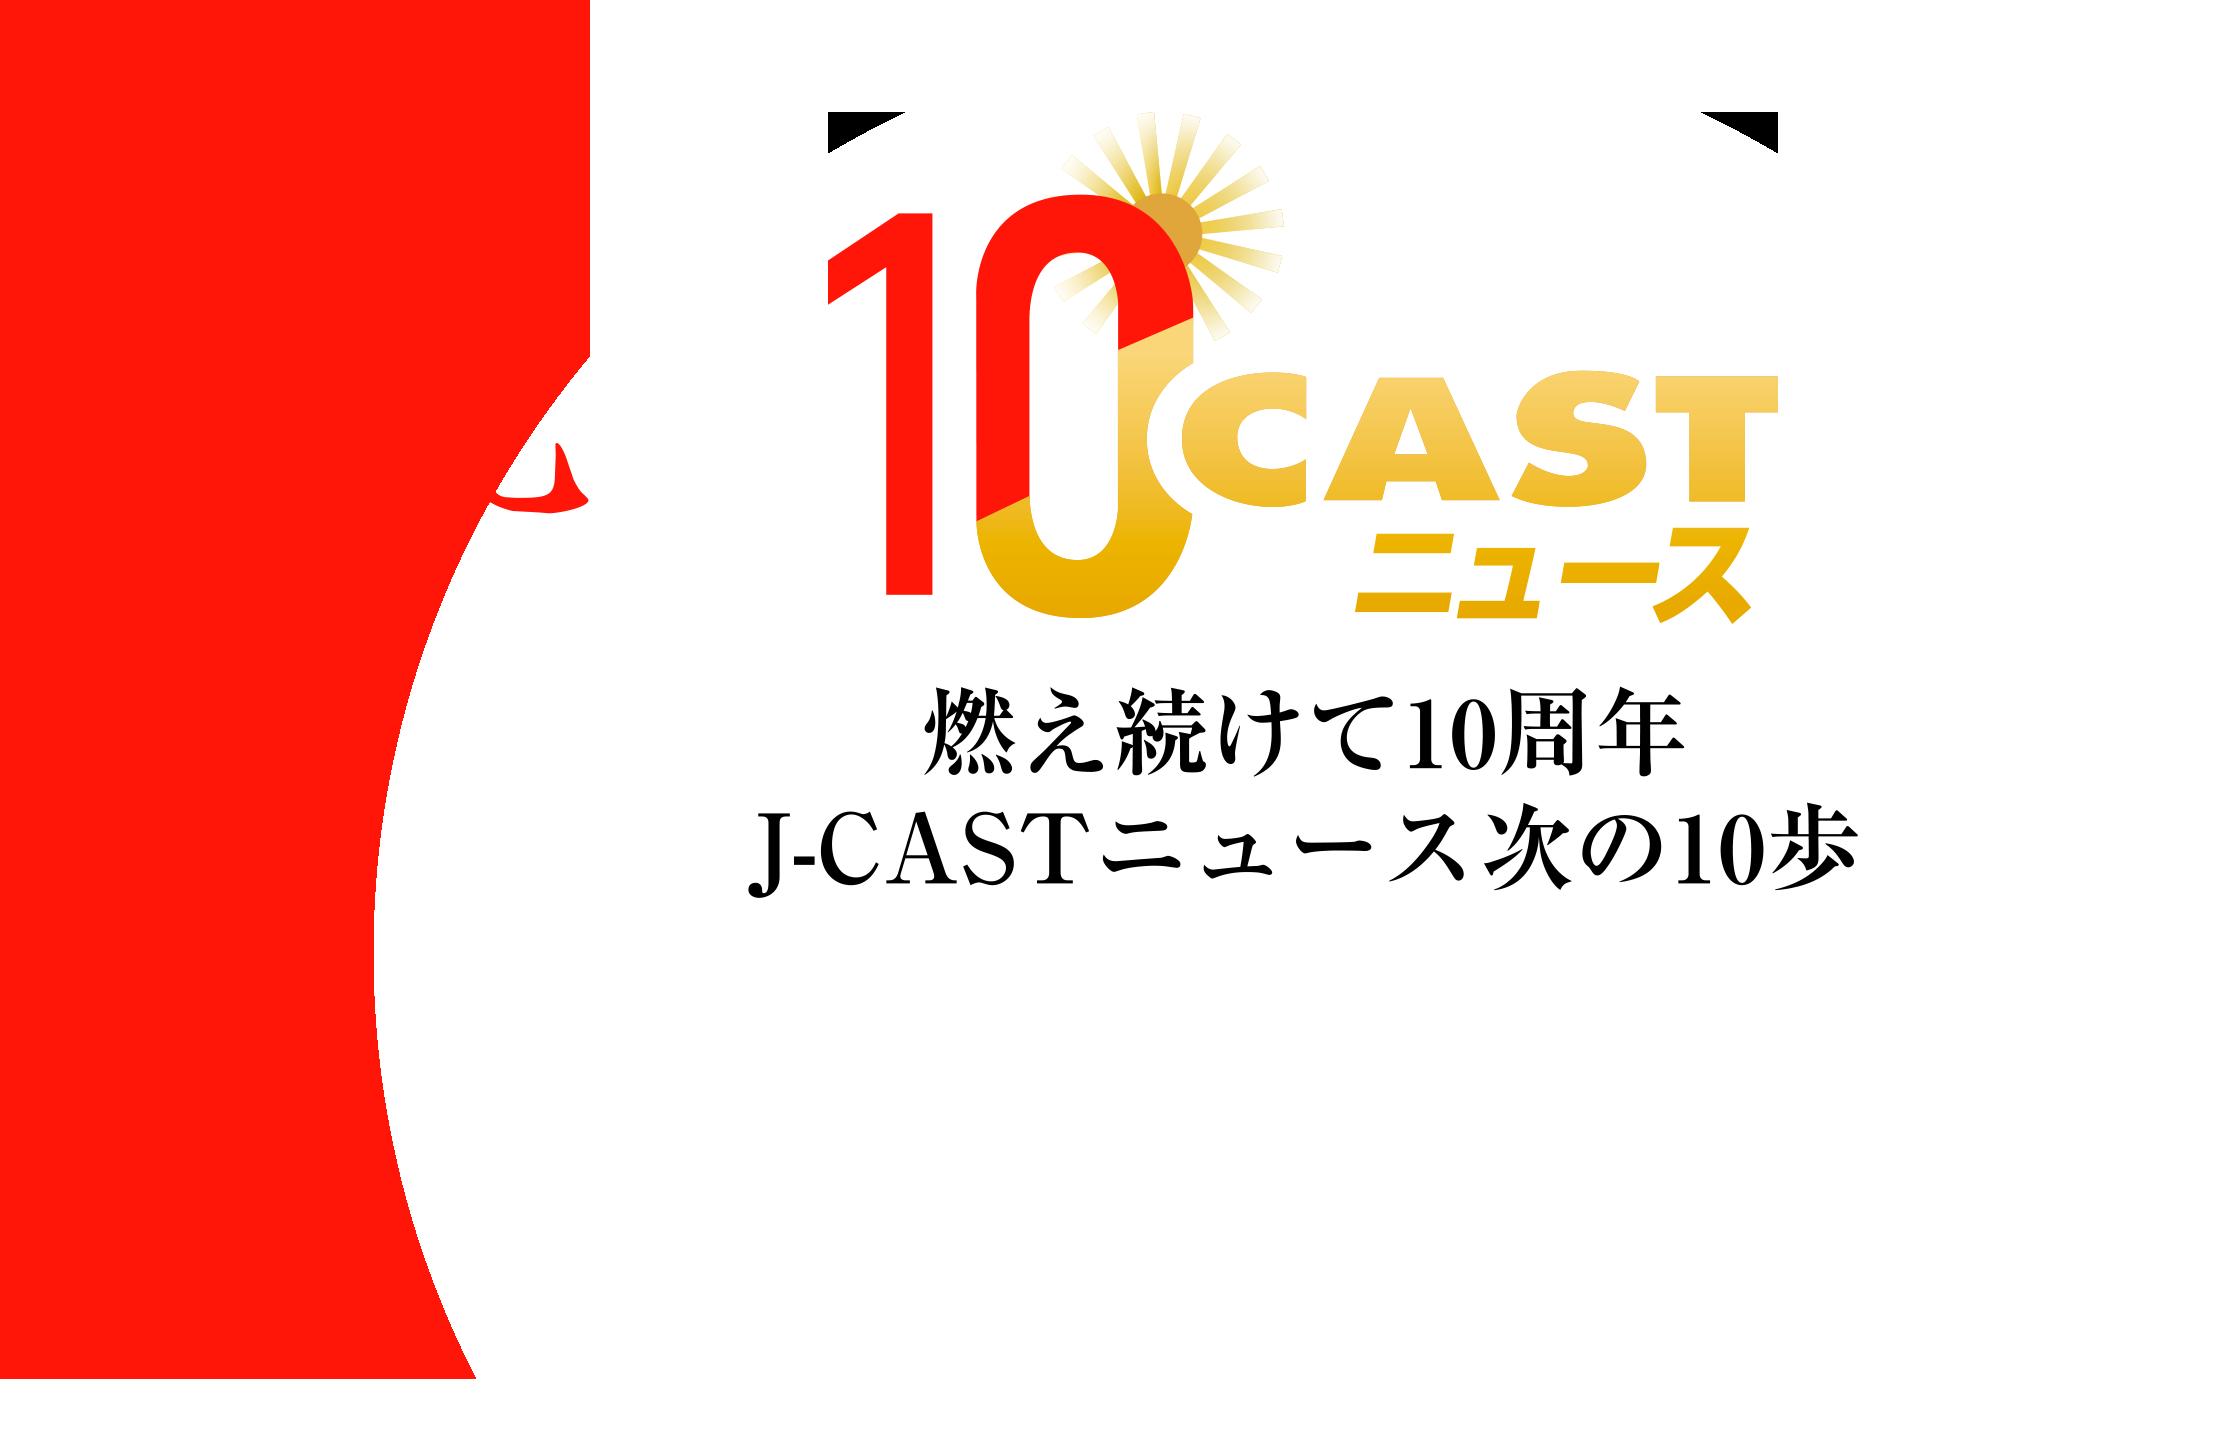 御礼創刊10周年 燃え続けて10周年J-CASTニュース次の10歩